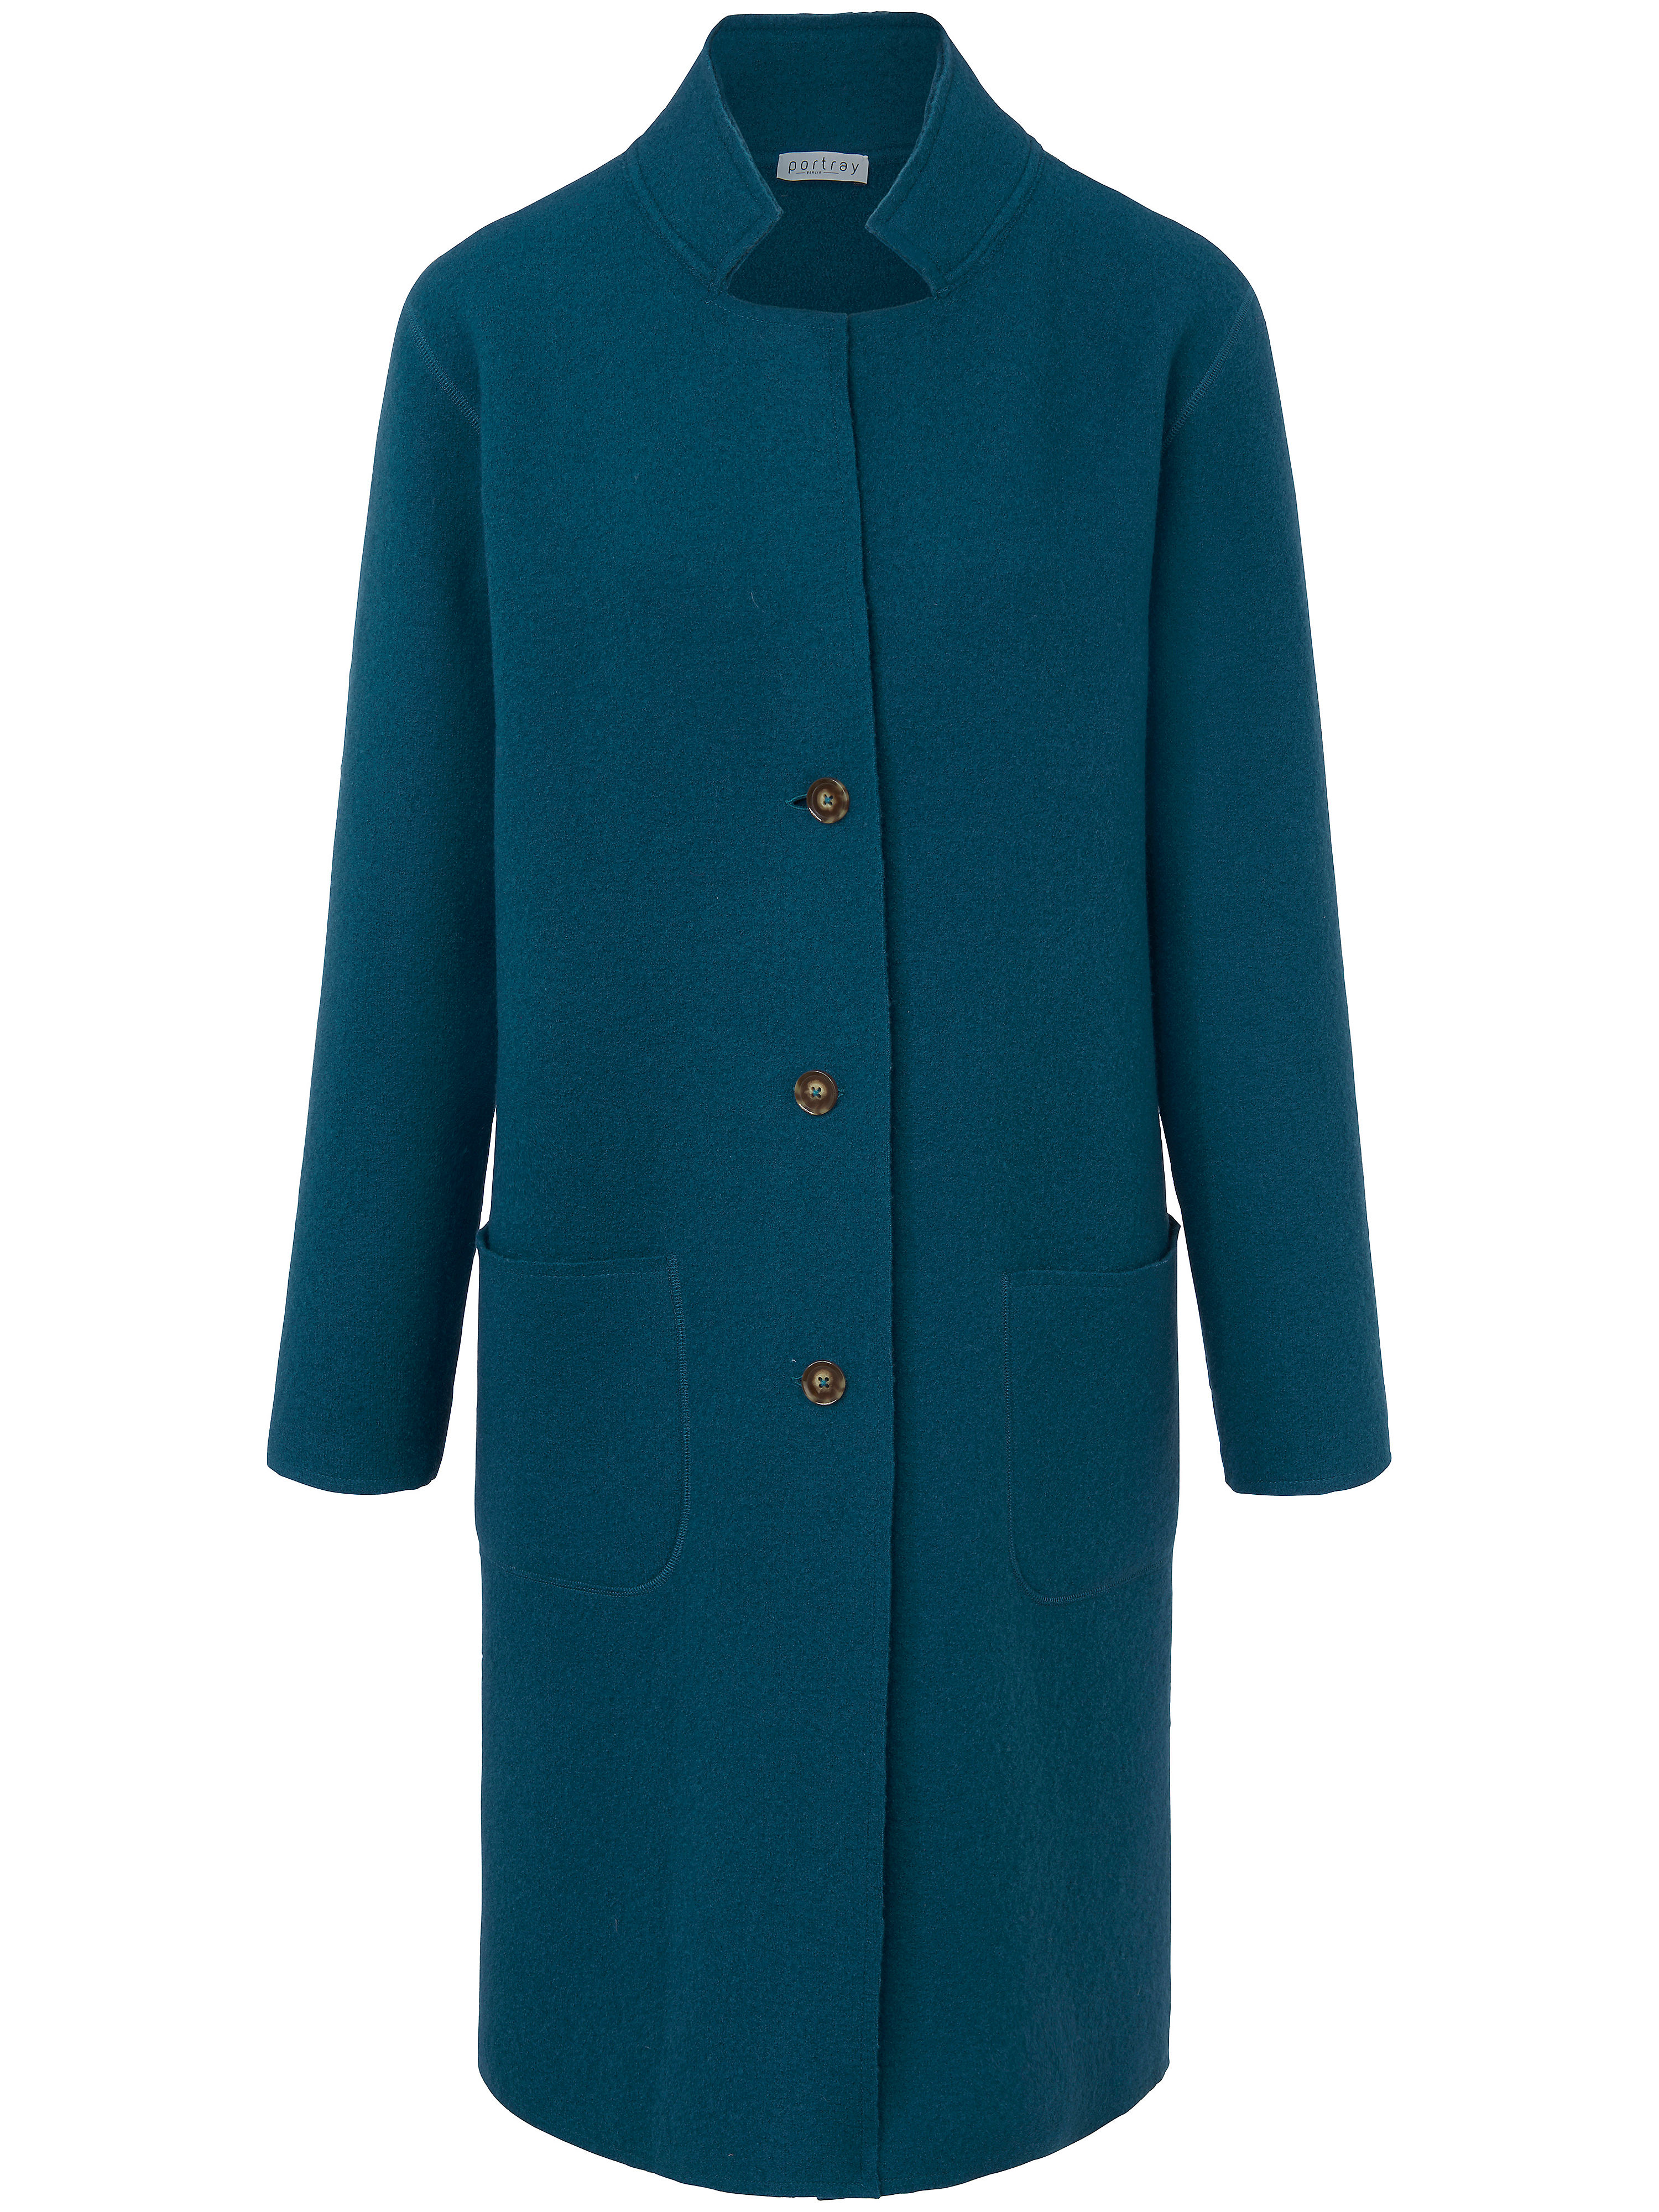 MALe manteau 100% laine vierge  portray berlin bleu